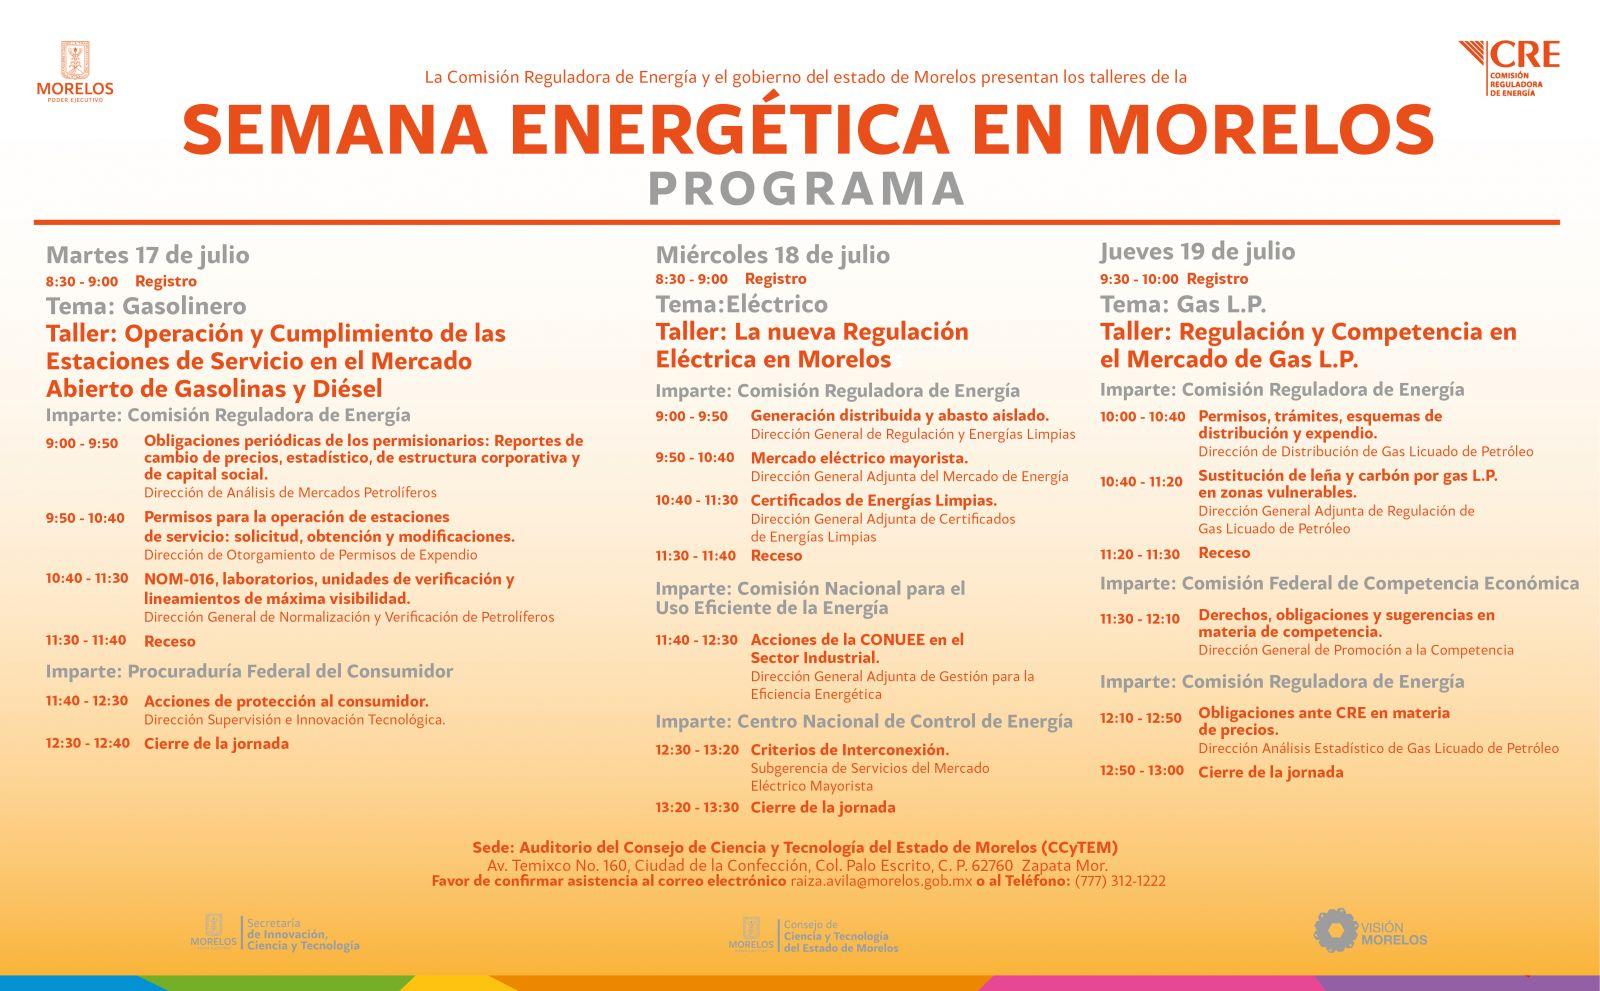 Proyectos | Consejo de Ciencia y Tecnología del Estado de Morelos